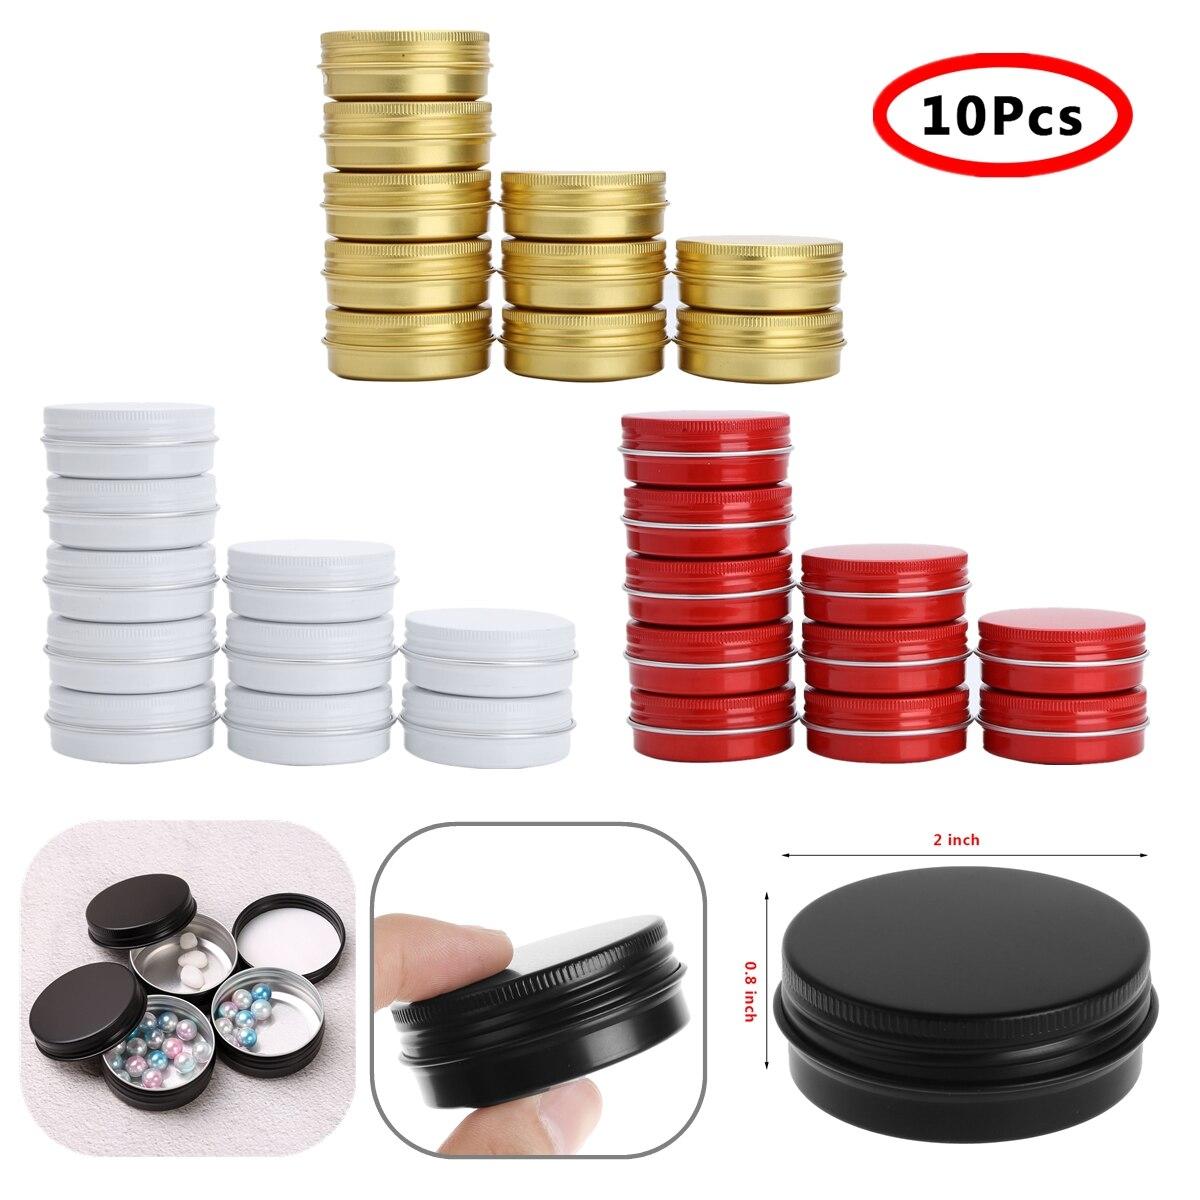 10 Uds de aluminio de 30ml frascos de lata de Metal redonda contenedor con tapa de rosca, latas de muestra cosmética contenedores vela de latas jarra de almacenamiento para té